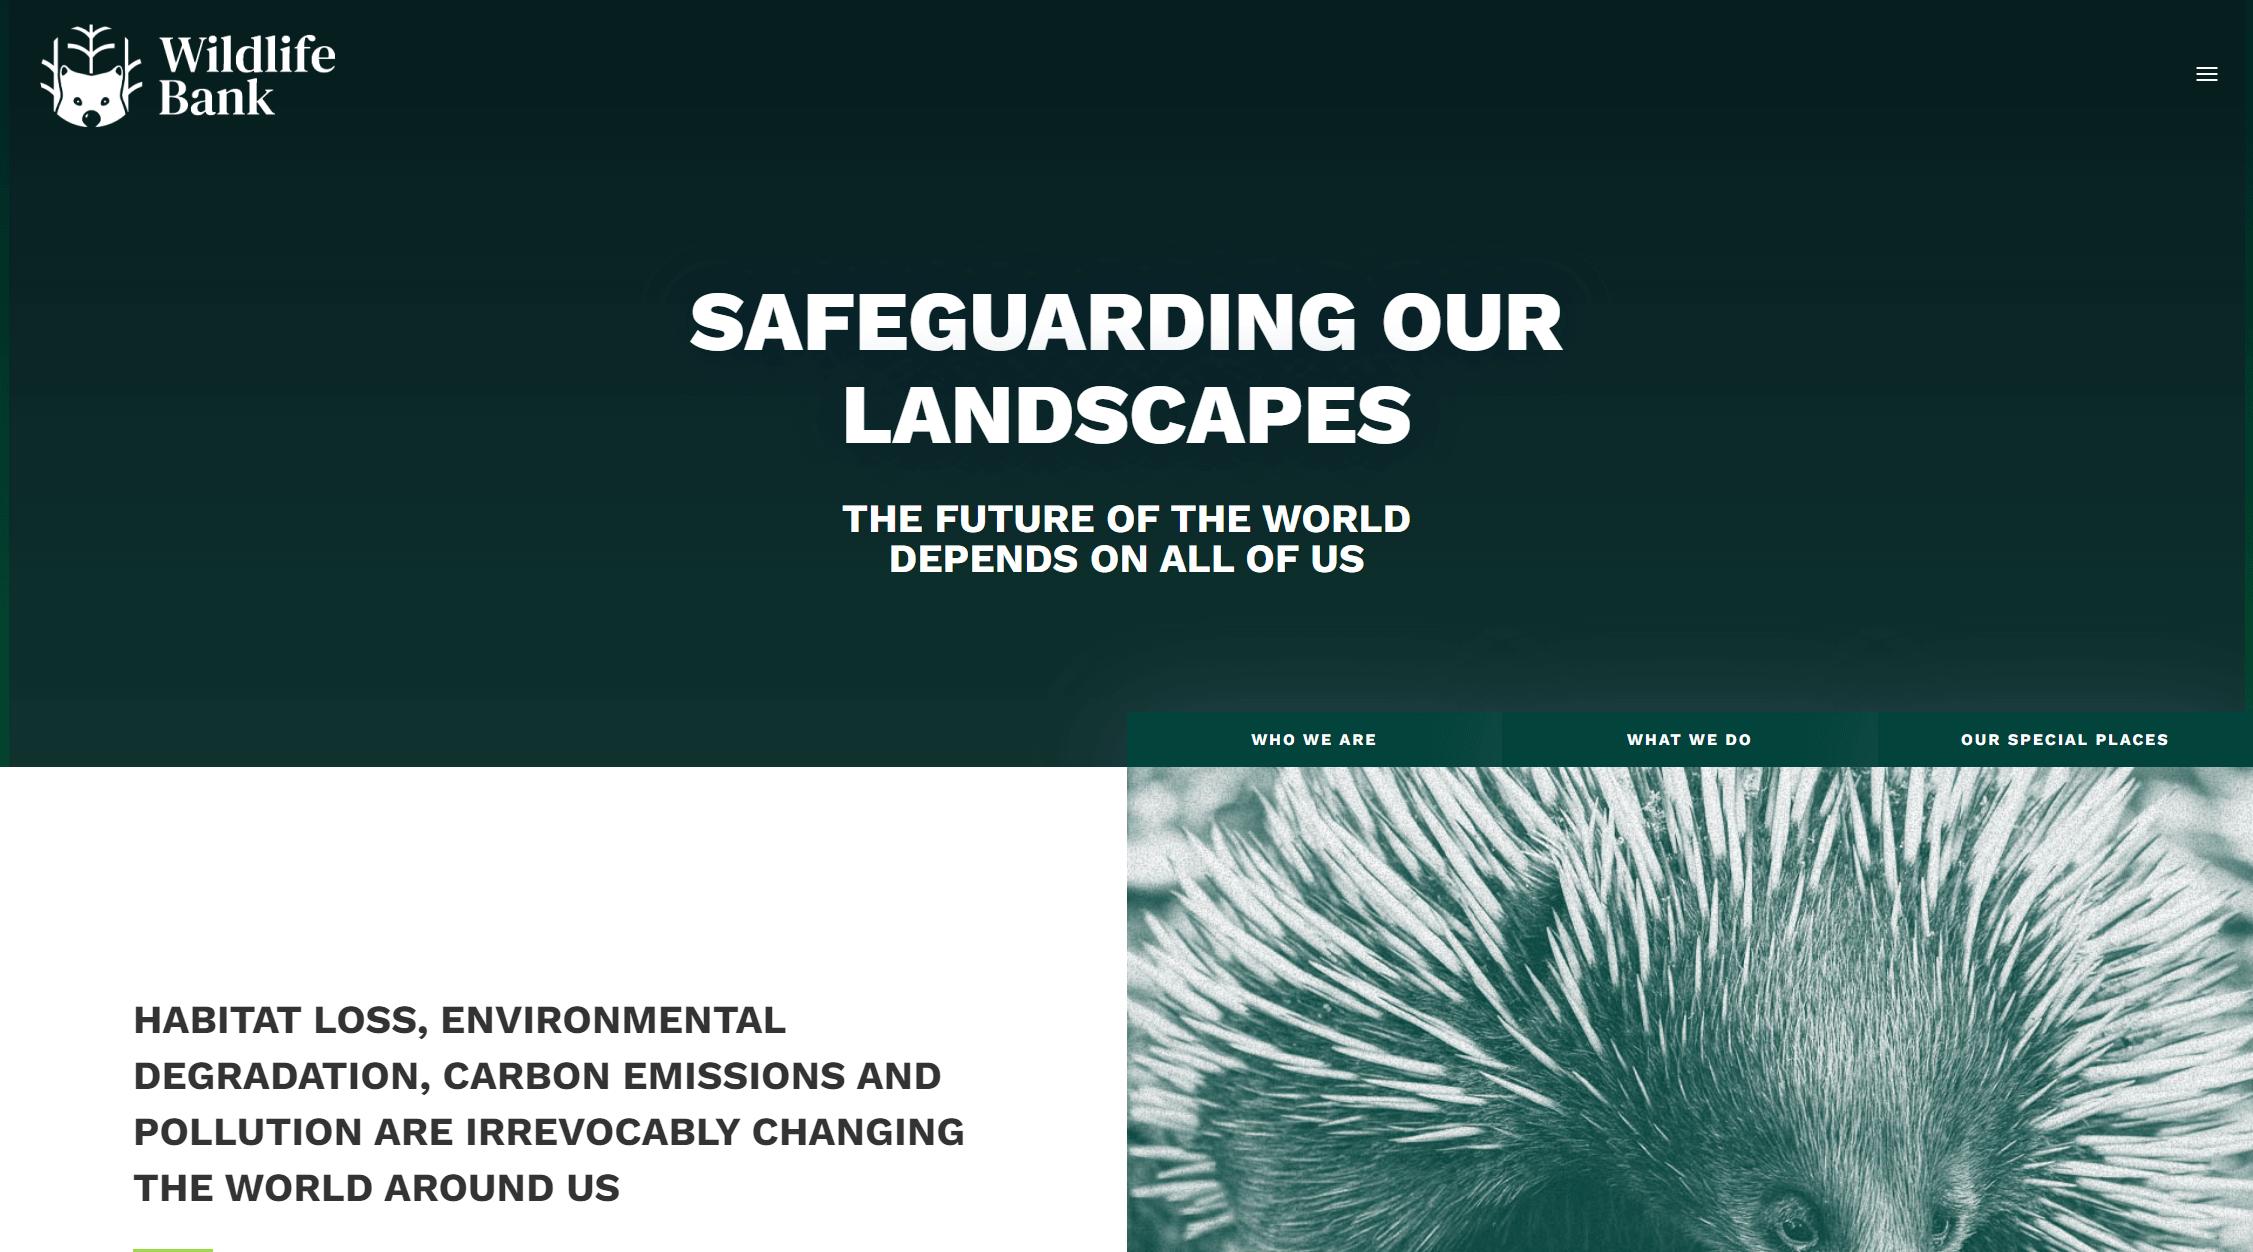 wildlifebank.org.au